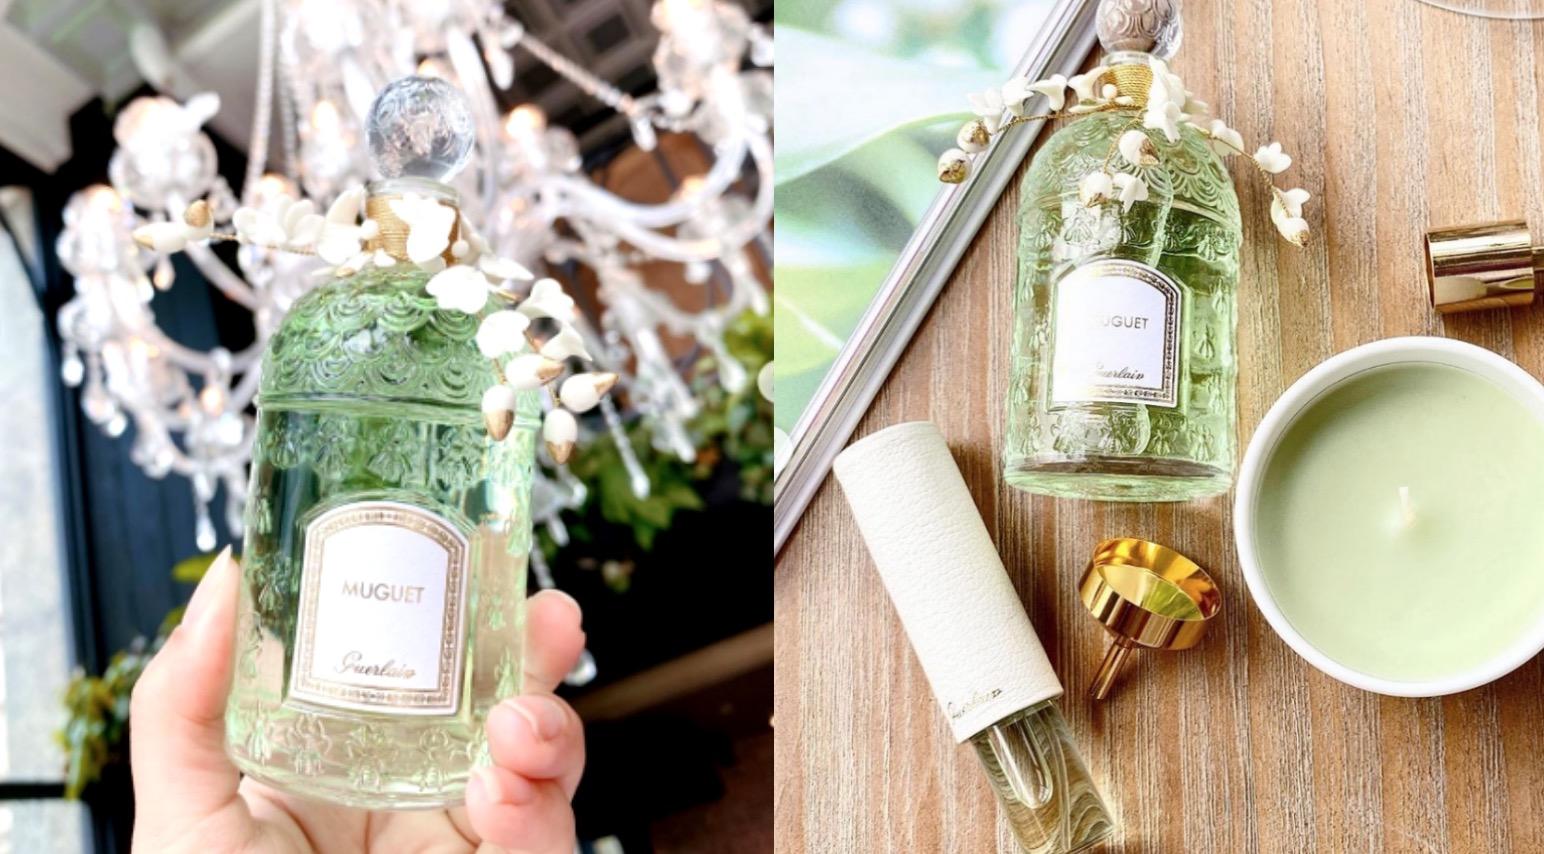 嬌蘭 鈴蘭淡香水縷金瓷卉封印瓶 & 鈴蘭香氛蠟燭 超限量上市